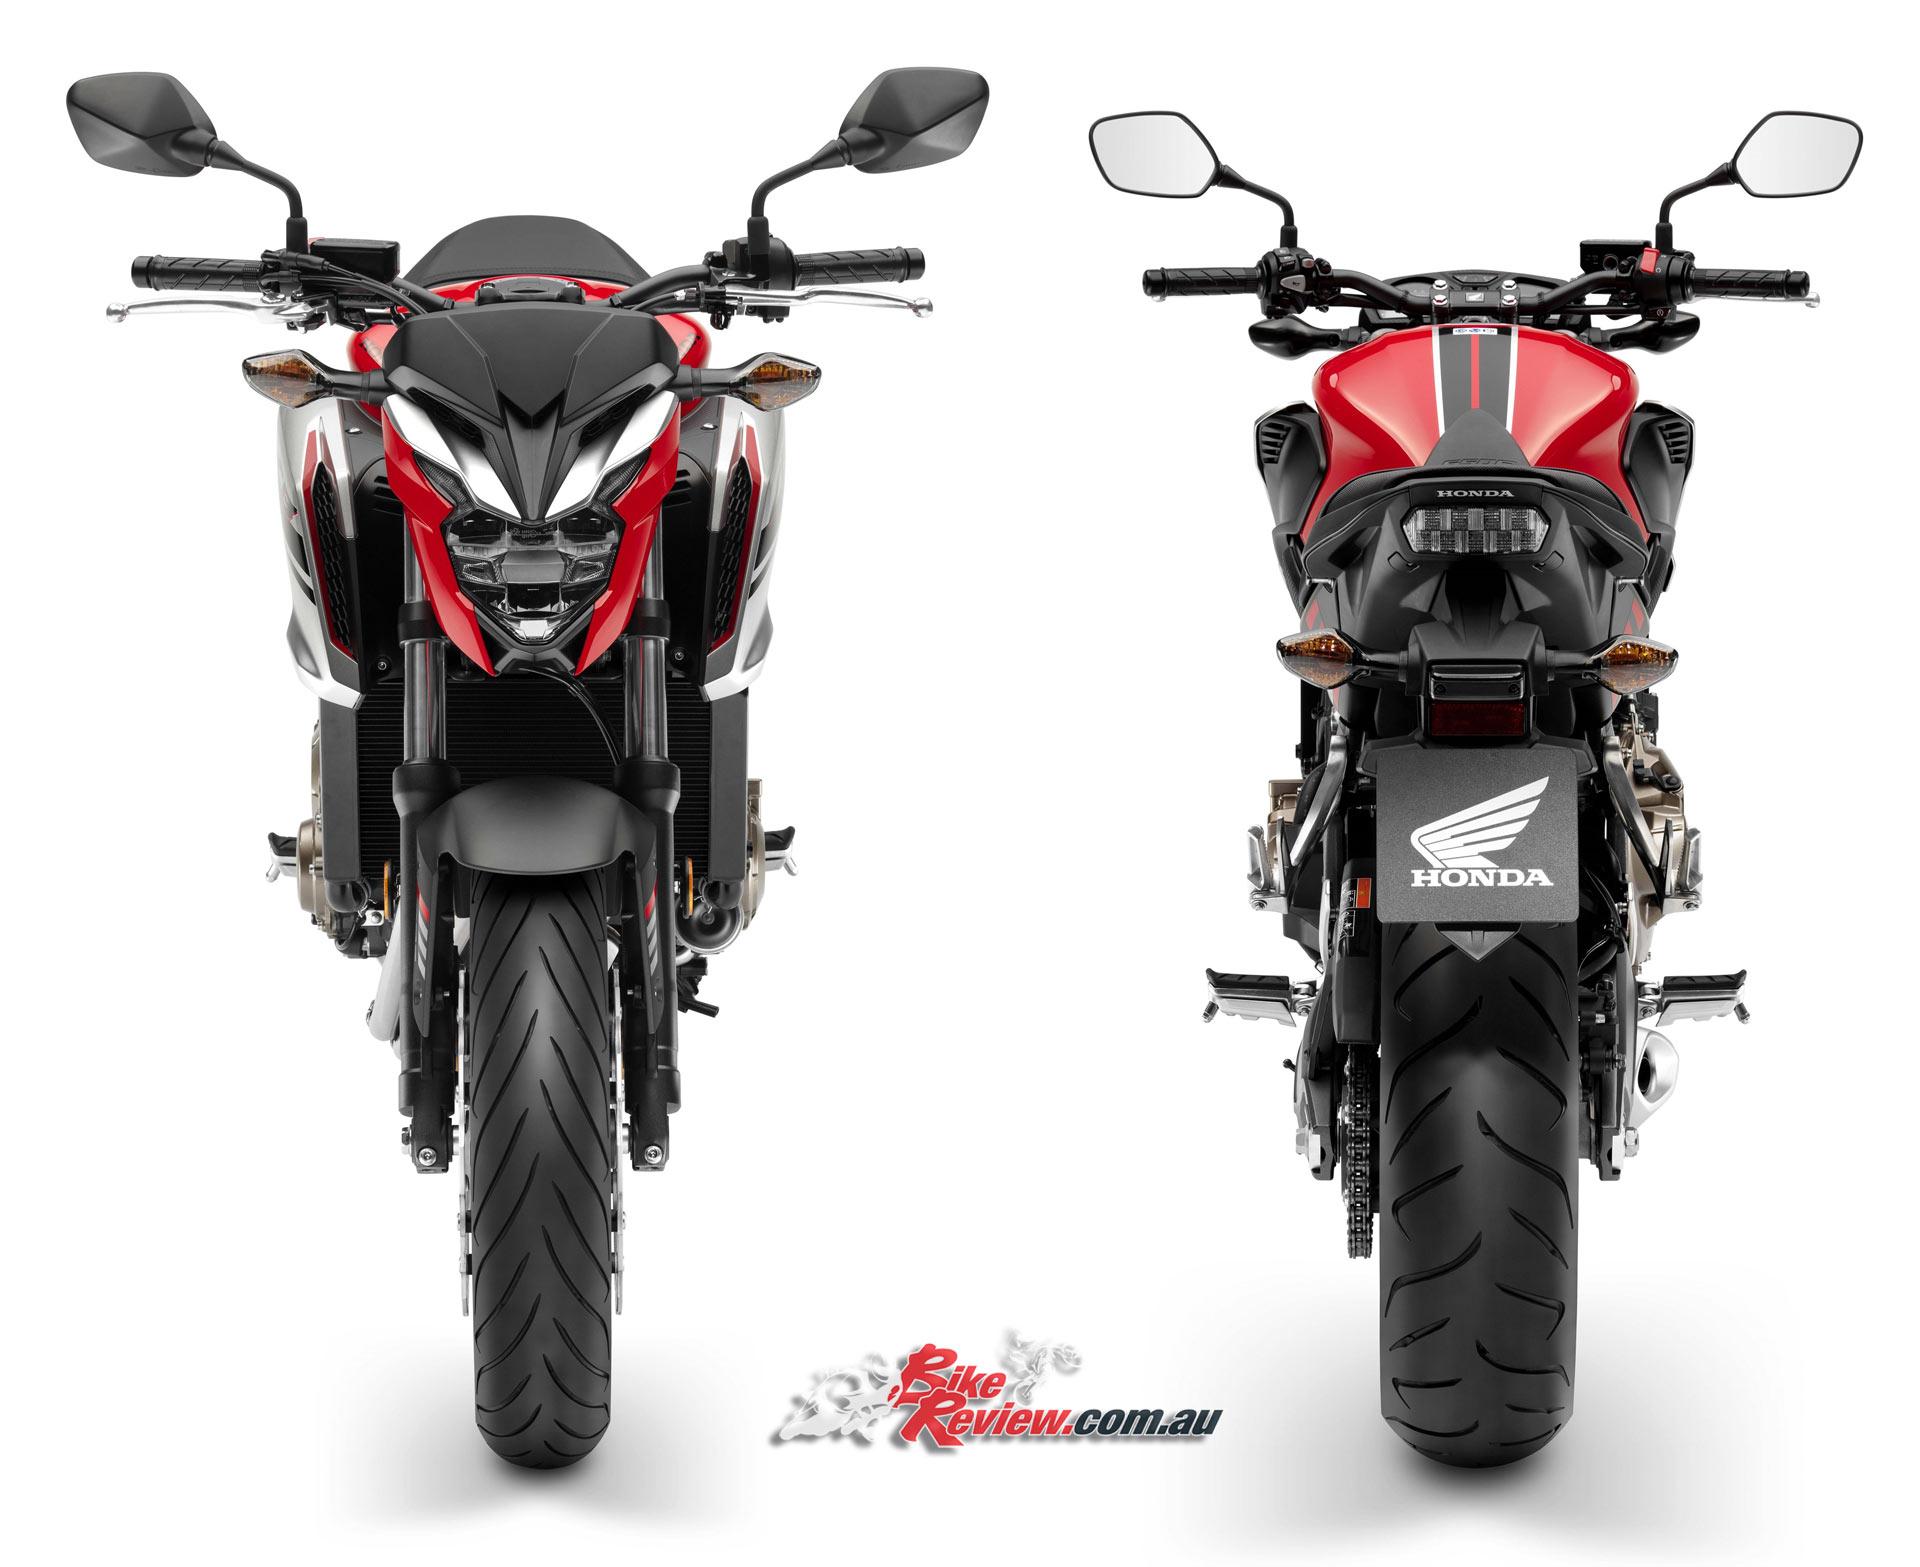 Kelebihan Honda Cb650F Spesifikasi